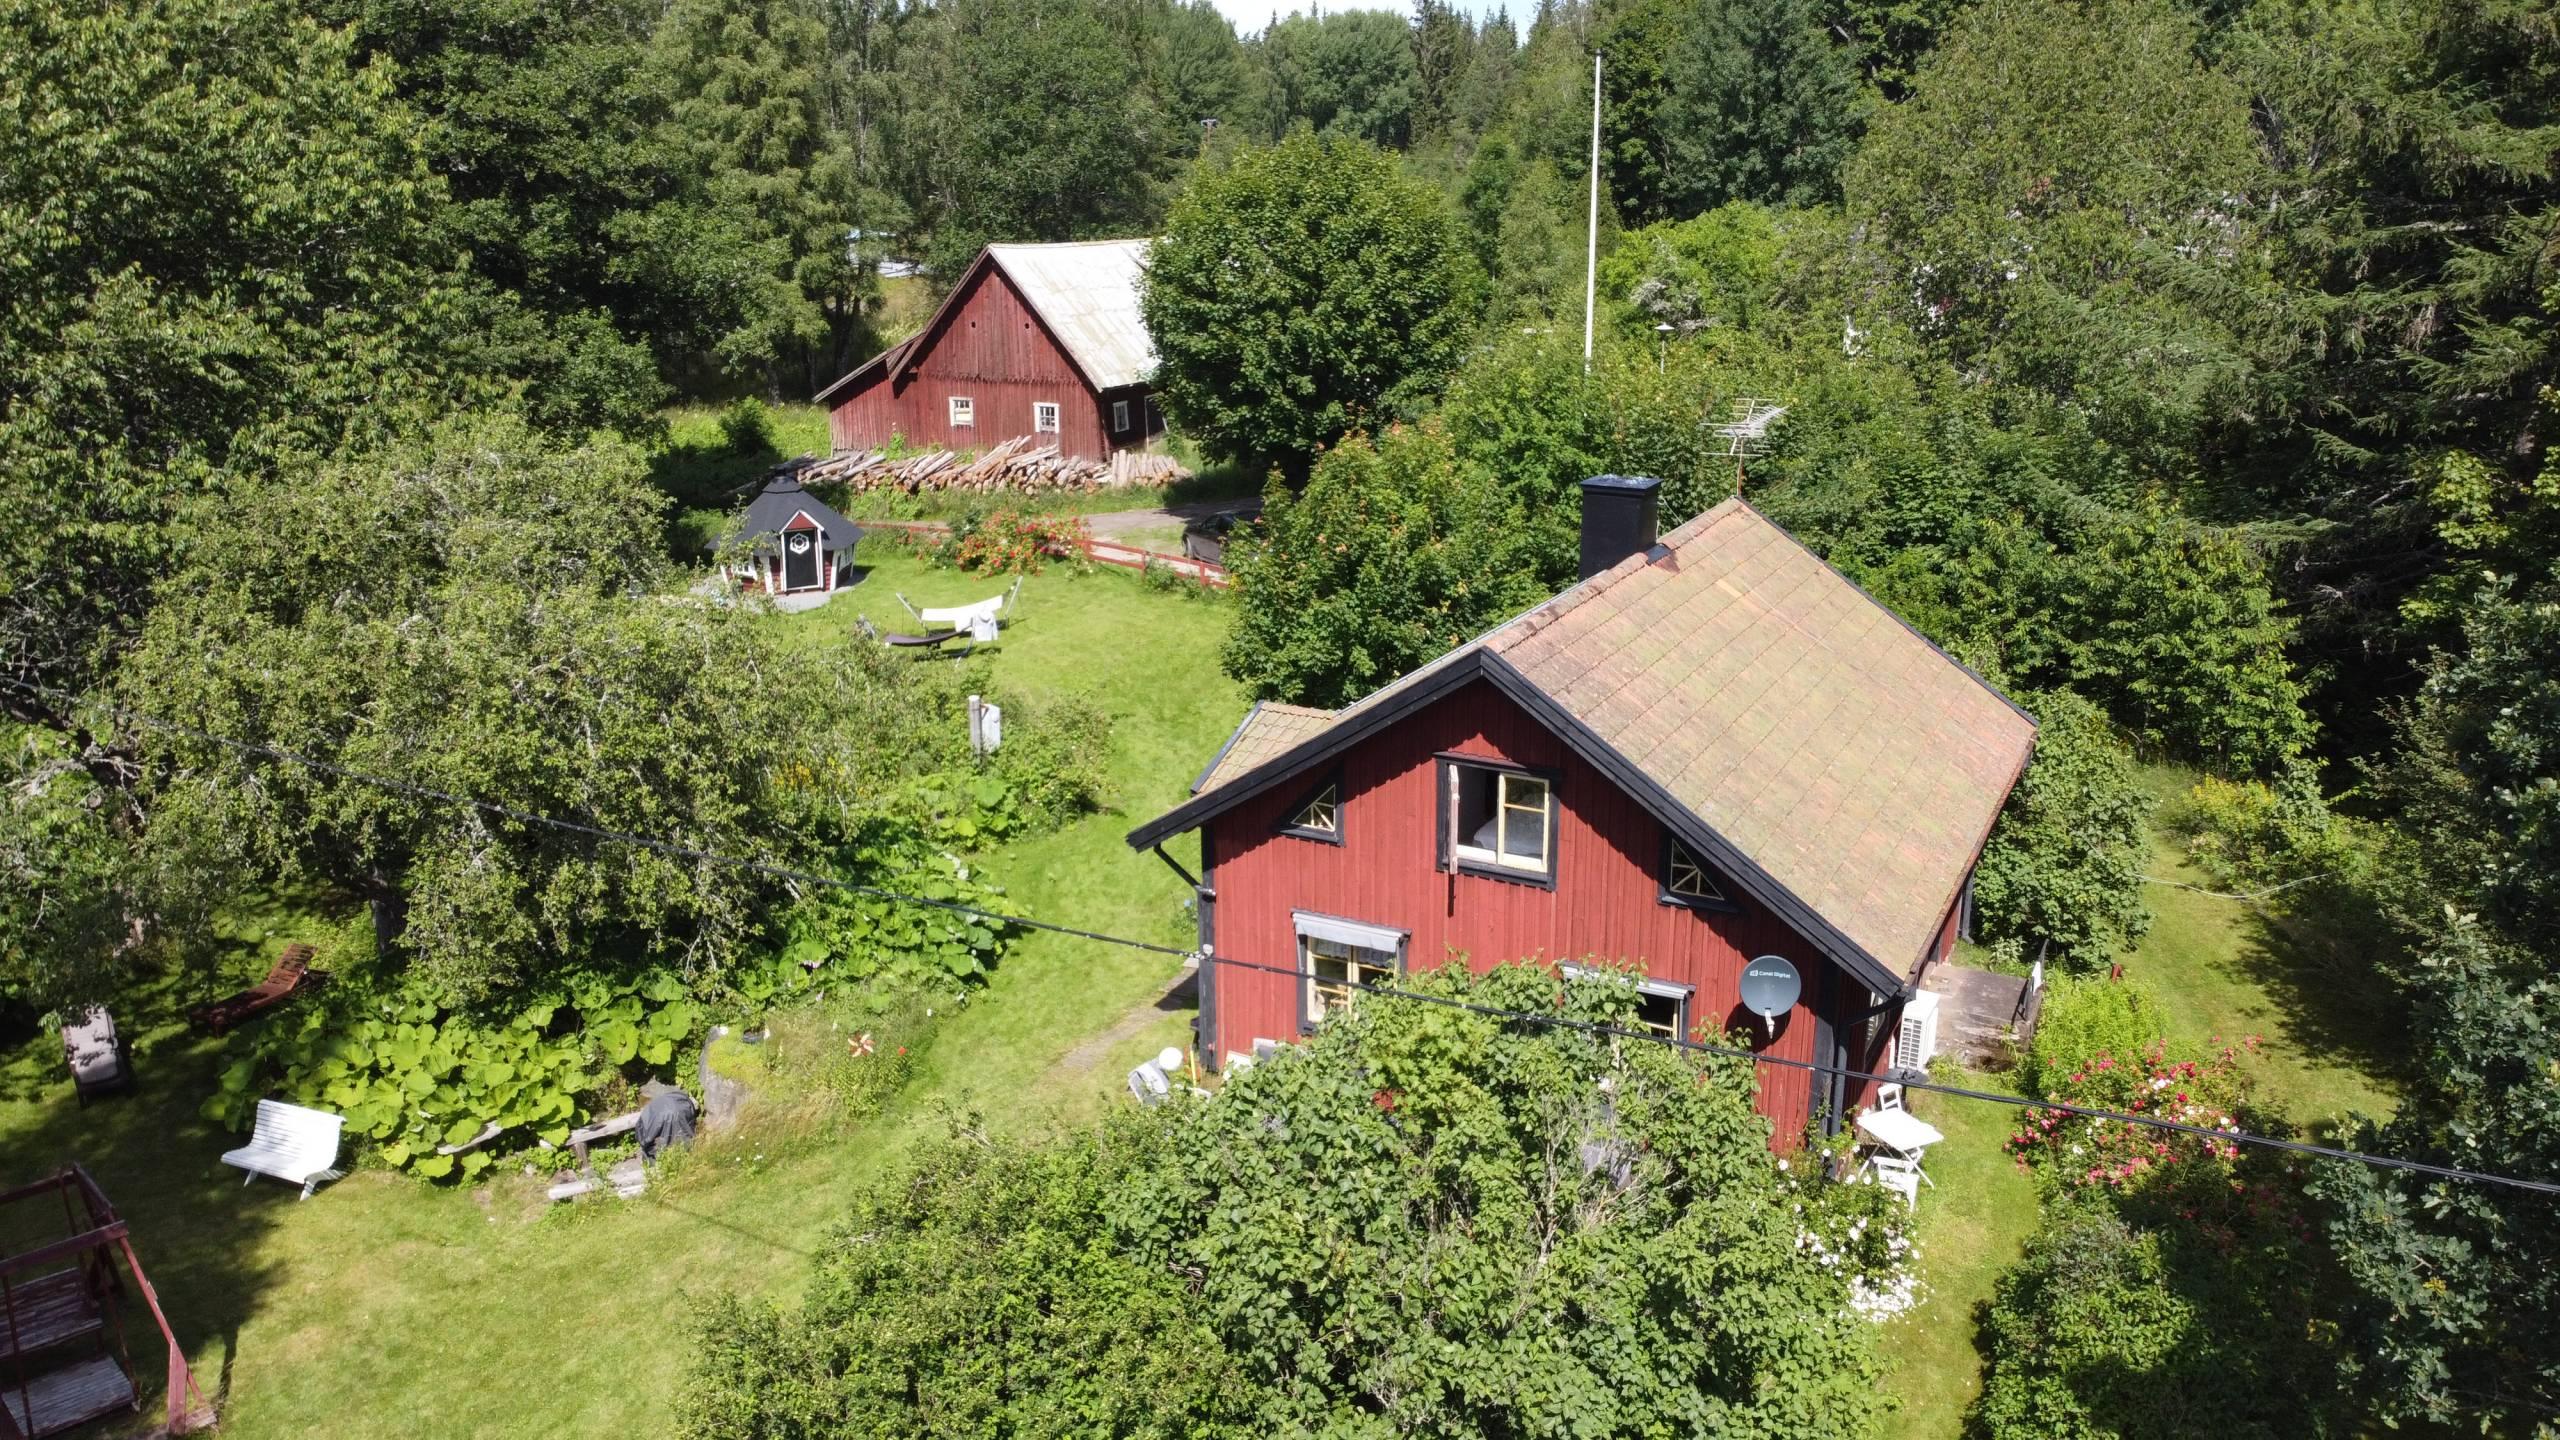 Ferienhaus Troll Mit Nebengebäude Und Grillhütte